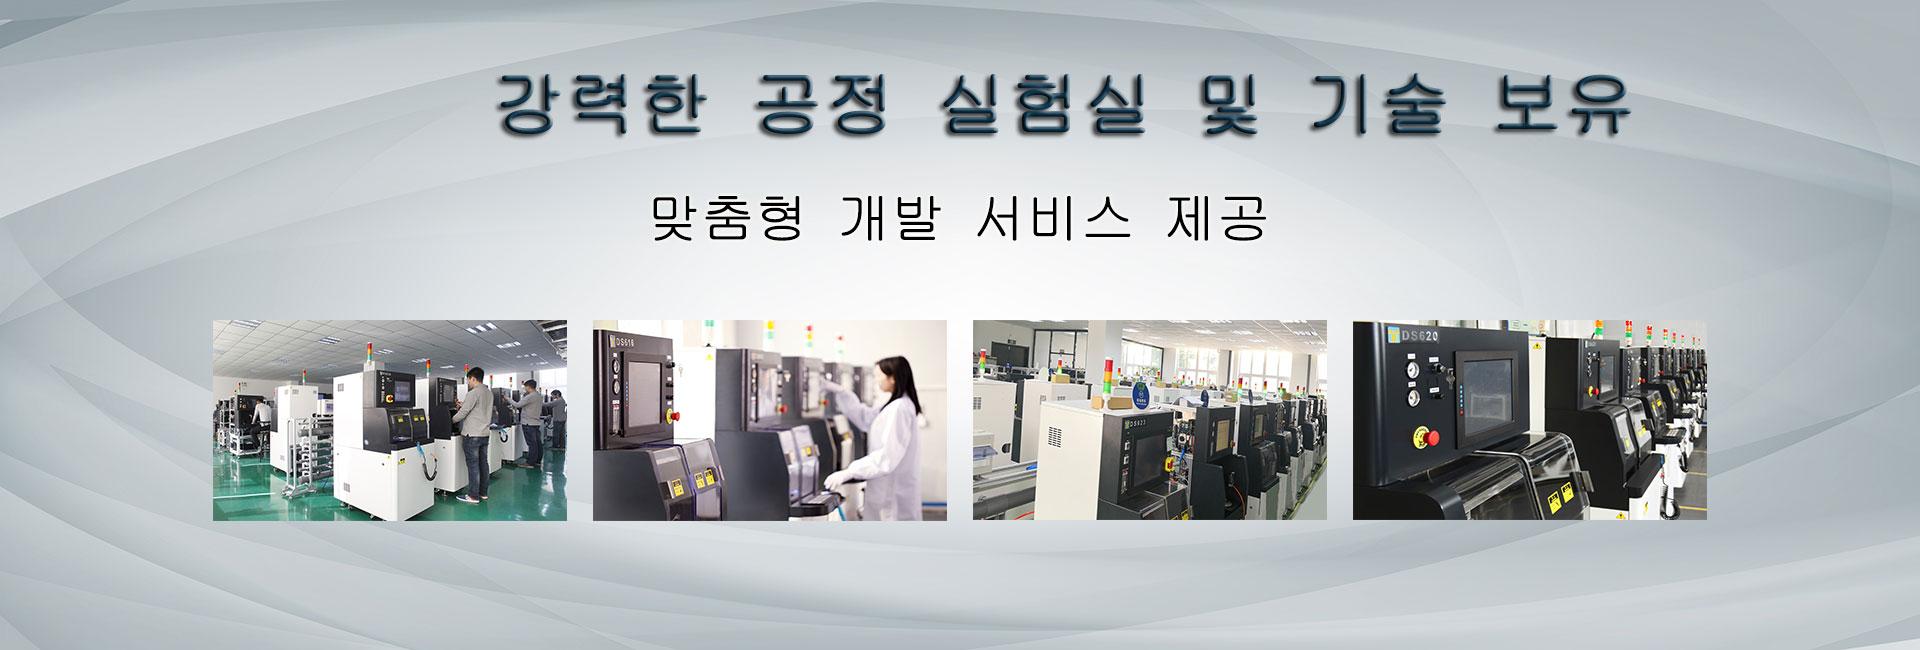 맞춤형 제품 개발